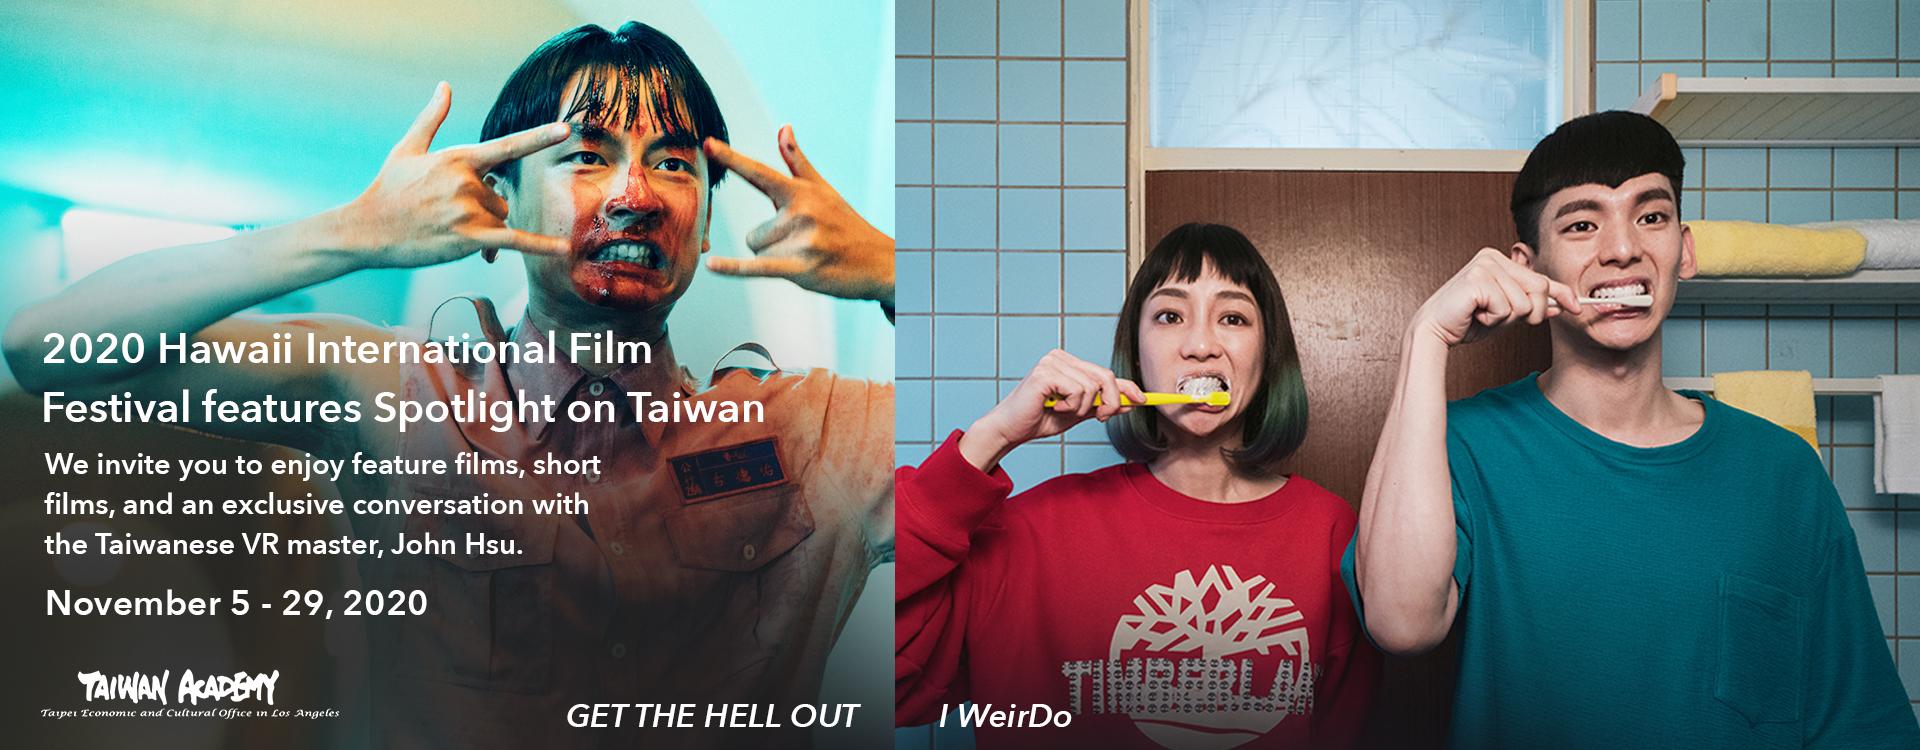 2020夏威夷國際影展「臺灣電影焦點」 實體戲院放映《怪胎》及《腿》 線上推出VR焦點座談「另開新視窗」